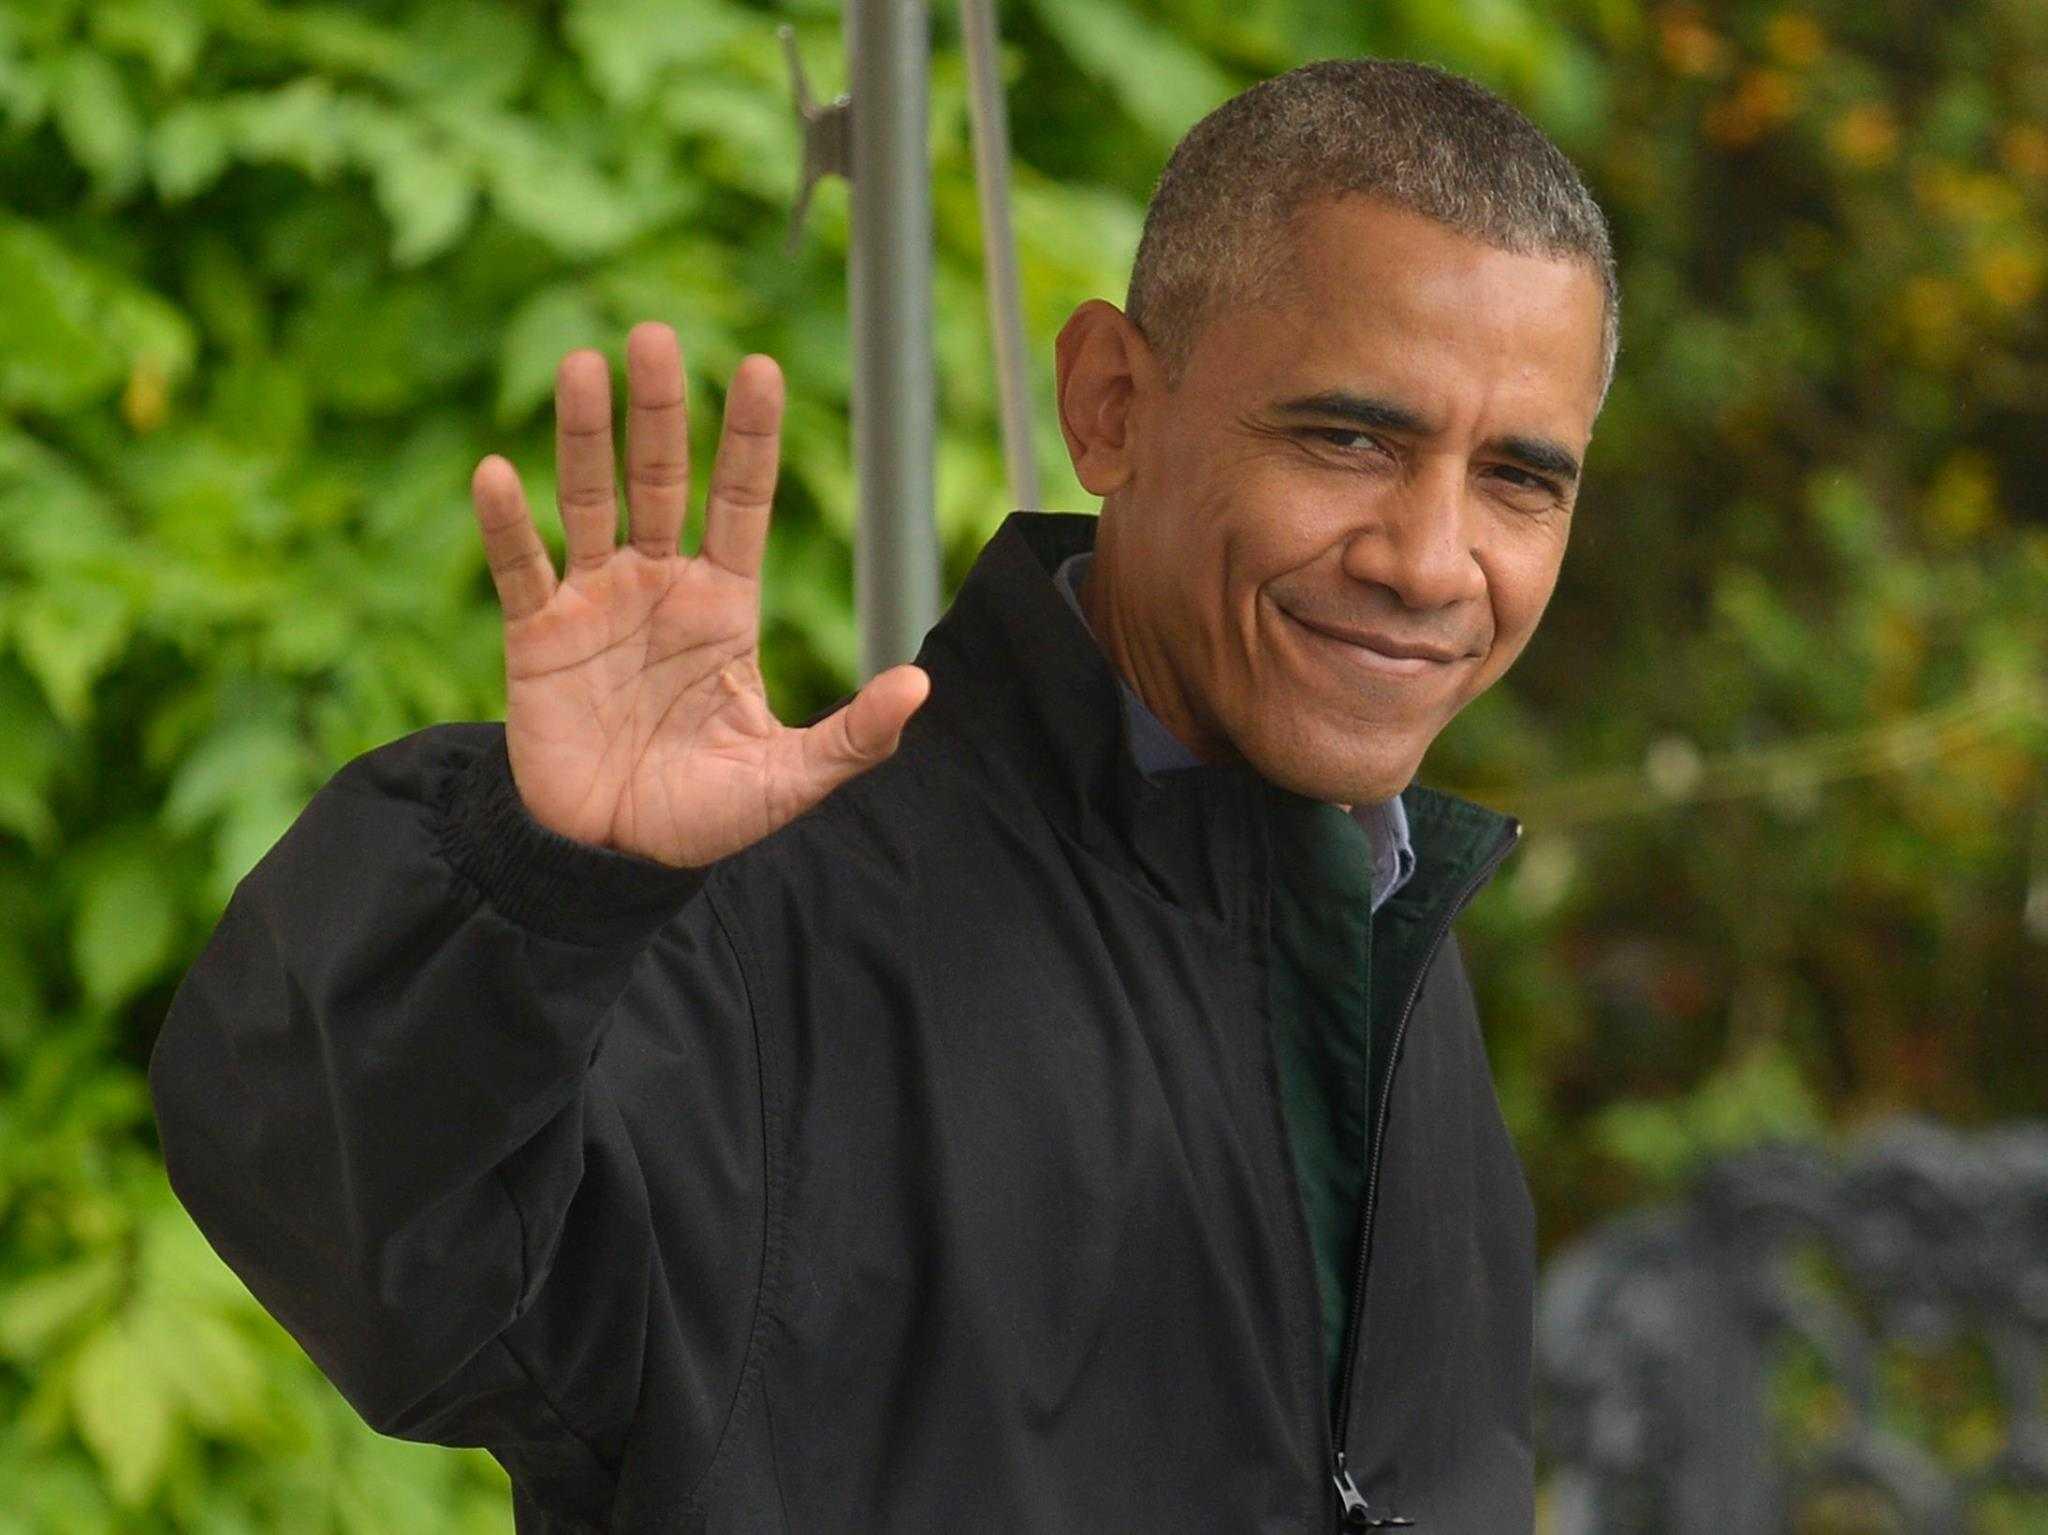 Tổng thống Obama vẫy chào báo giới khi đi ra chiếc trực thăng Marine One đỗ trong khuôn viên Nhà Trắng để bay tới Căn cứ Không quân Andrews ở tiểu bang Maryland, nơi chiếc chuyên cơ Air Force One chờ sẵn